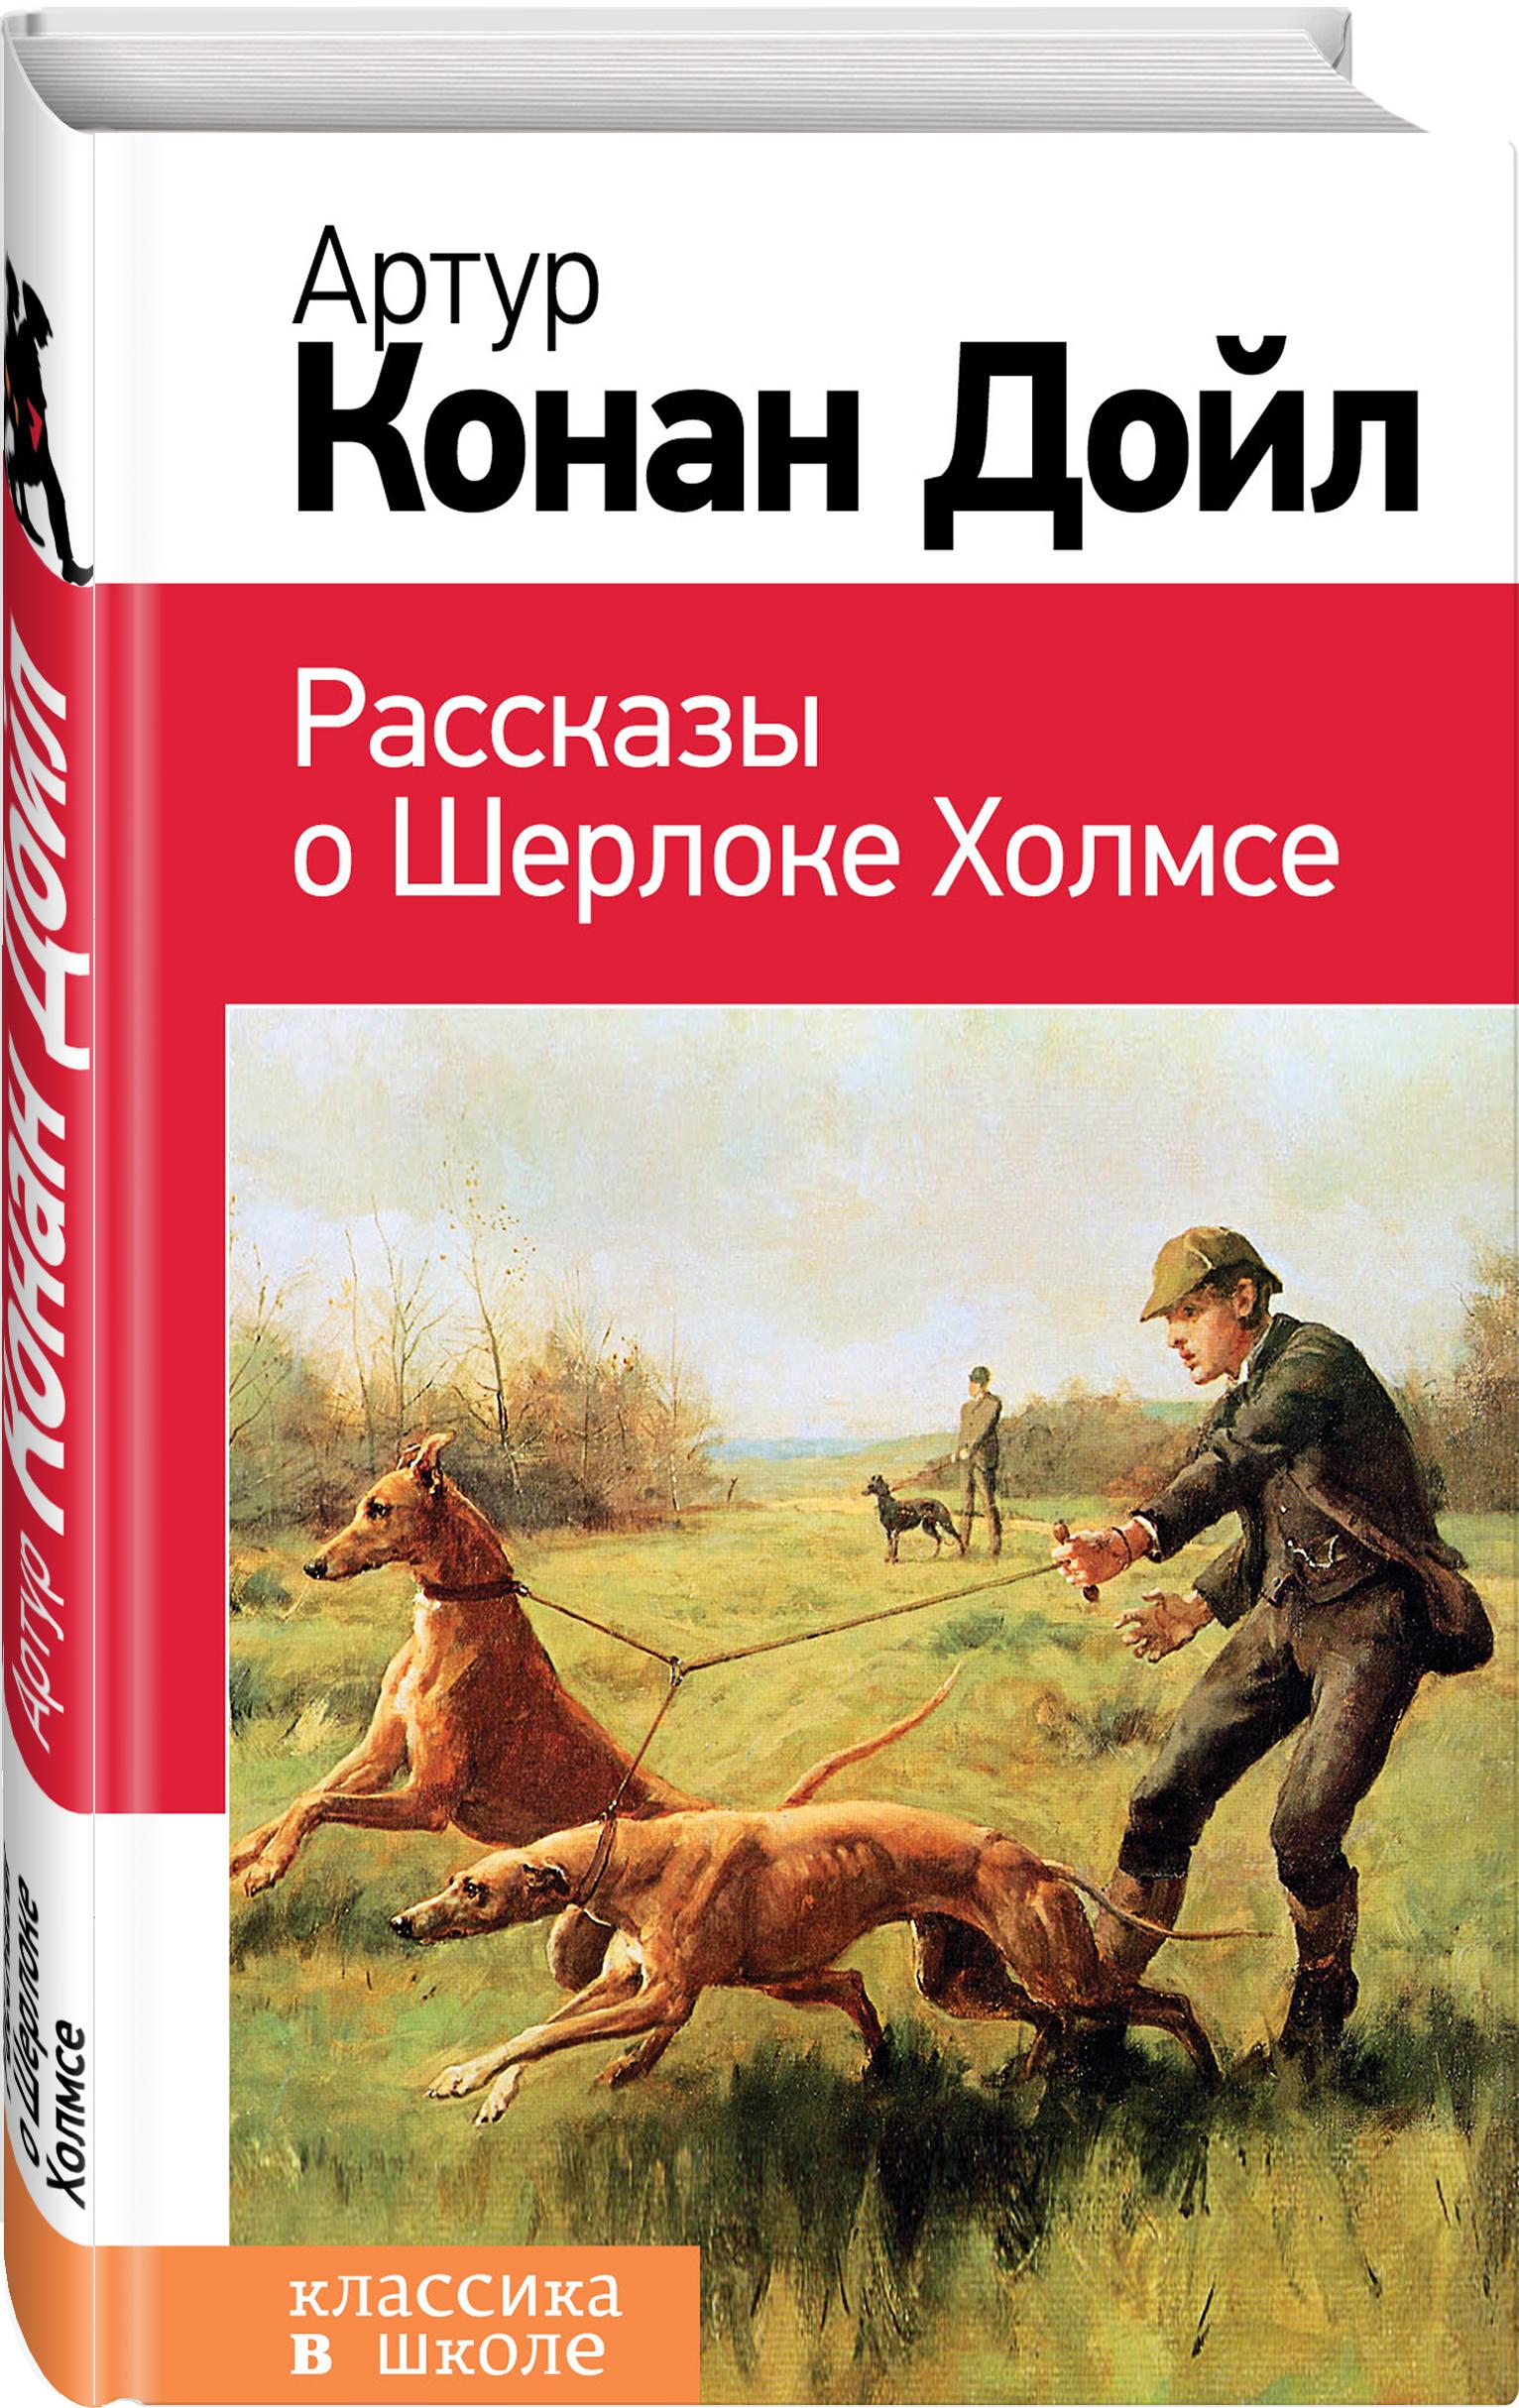 Артур Конан Дойл Рассказы о Шерлоке Холмсе